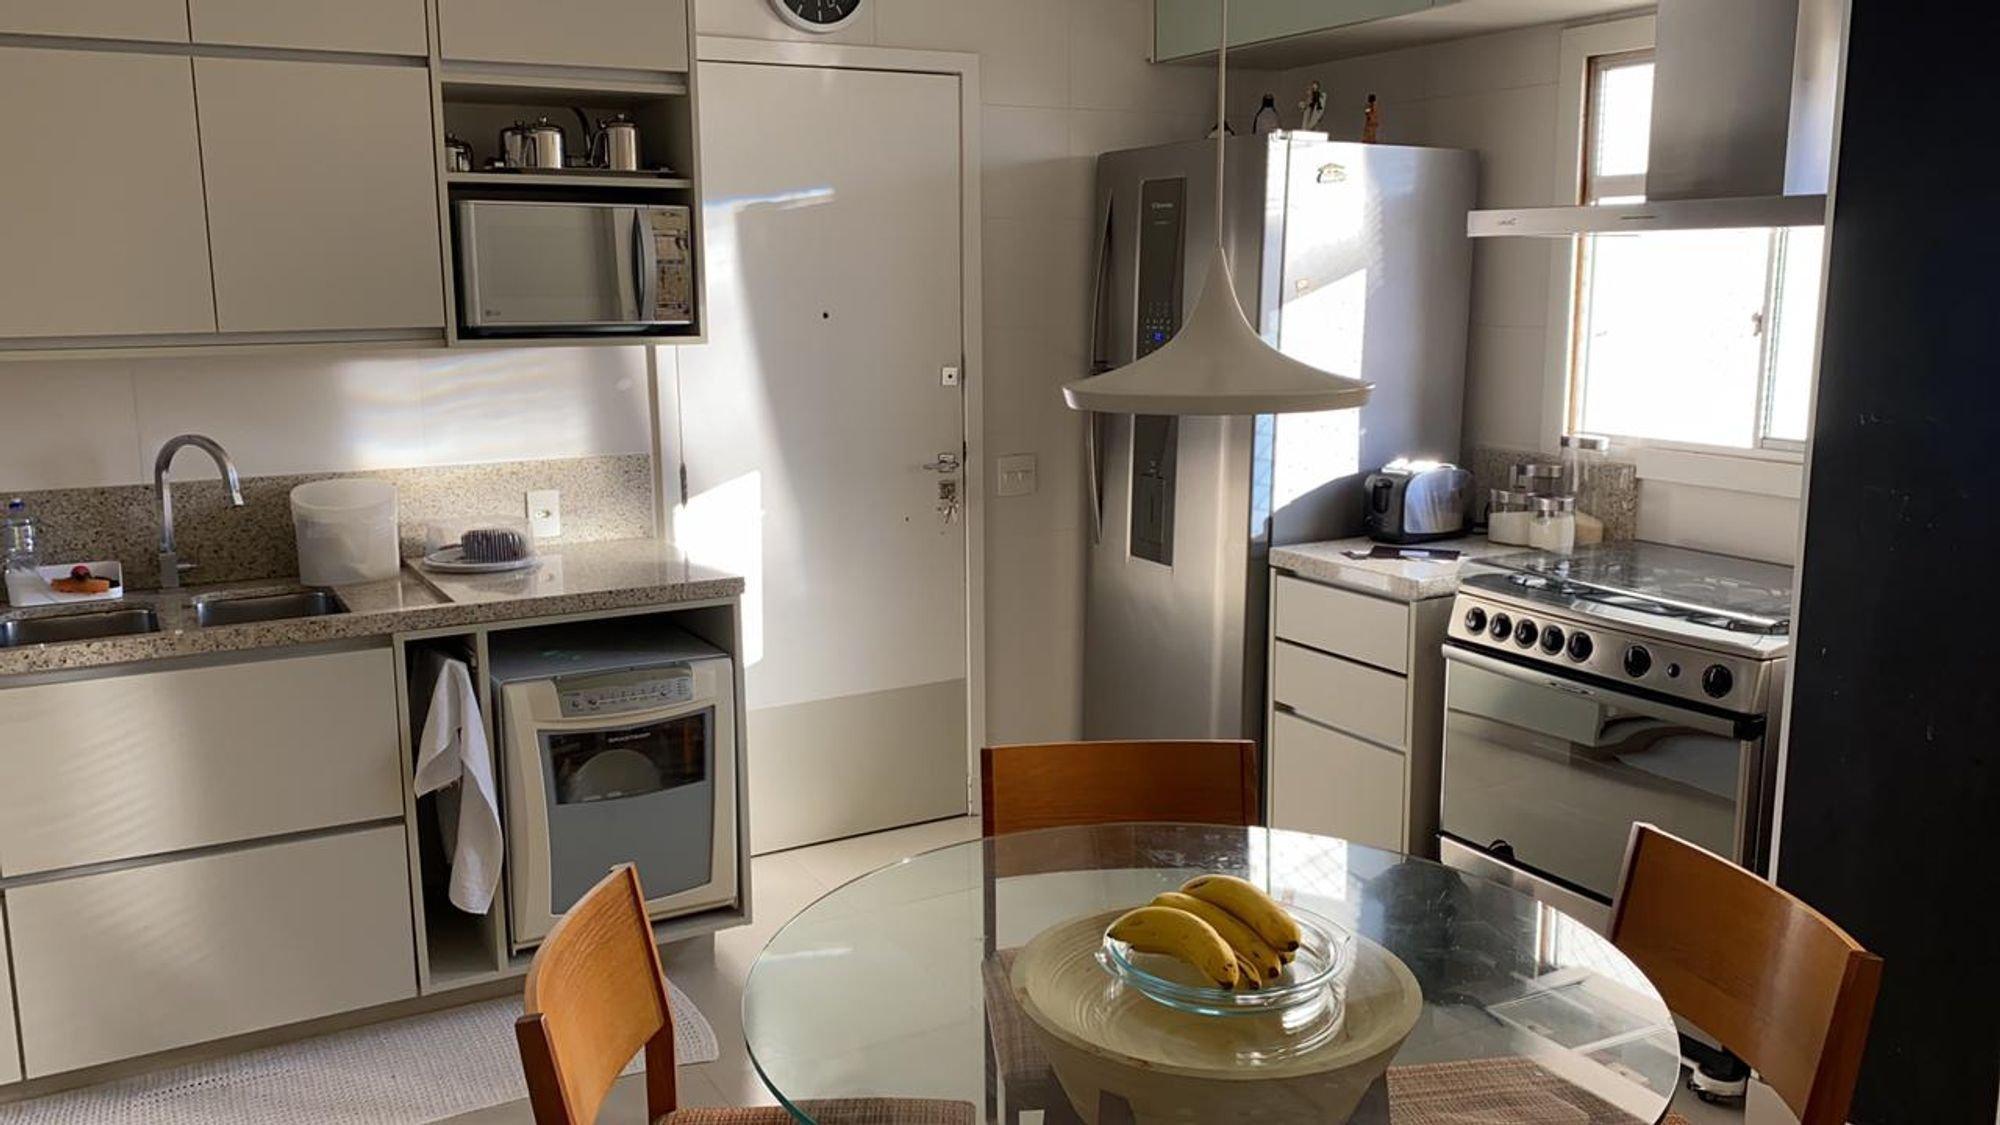 Foto de Cozinha com forno, tigela, geladeira, cadeira, microondas, mesa de jantar